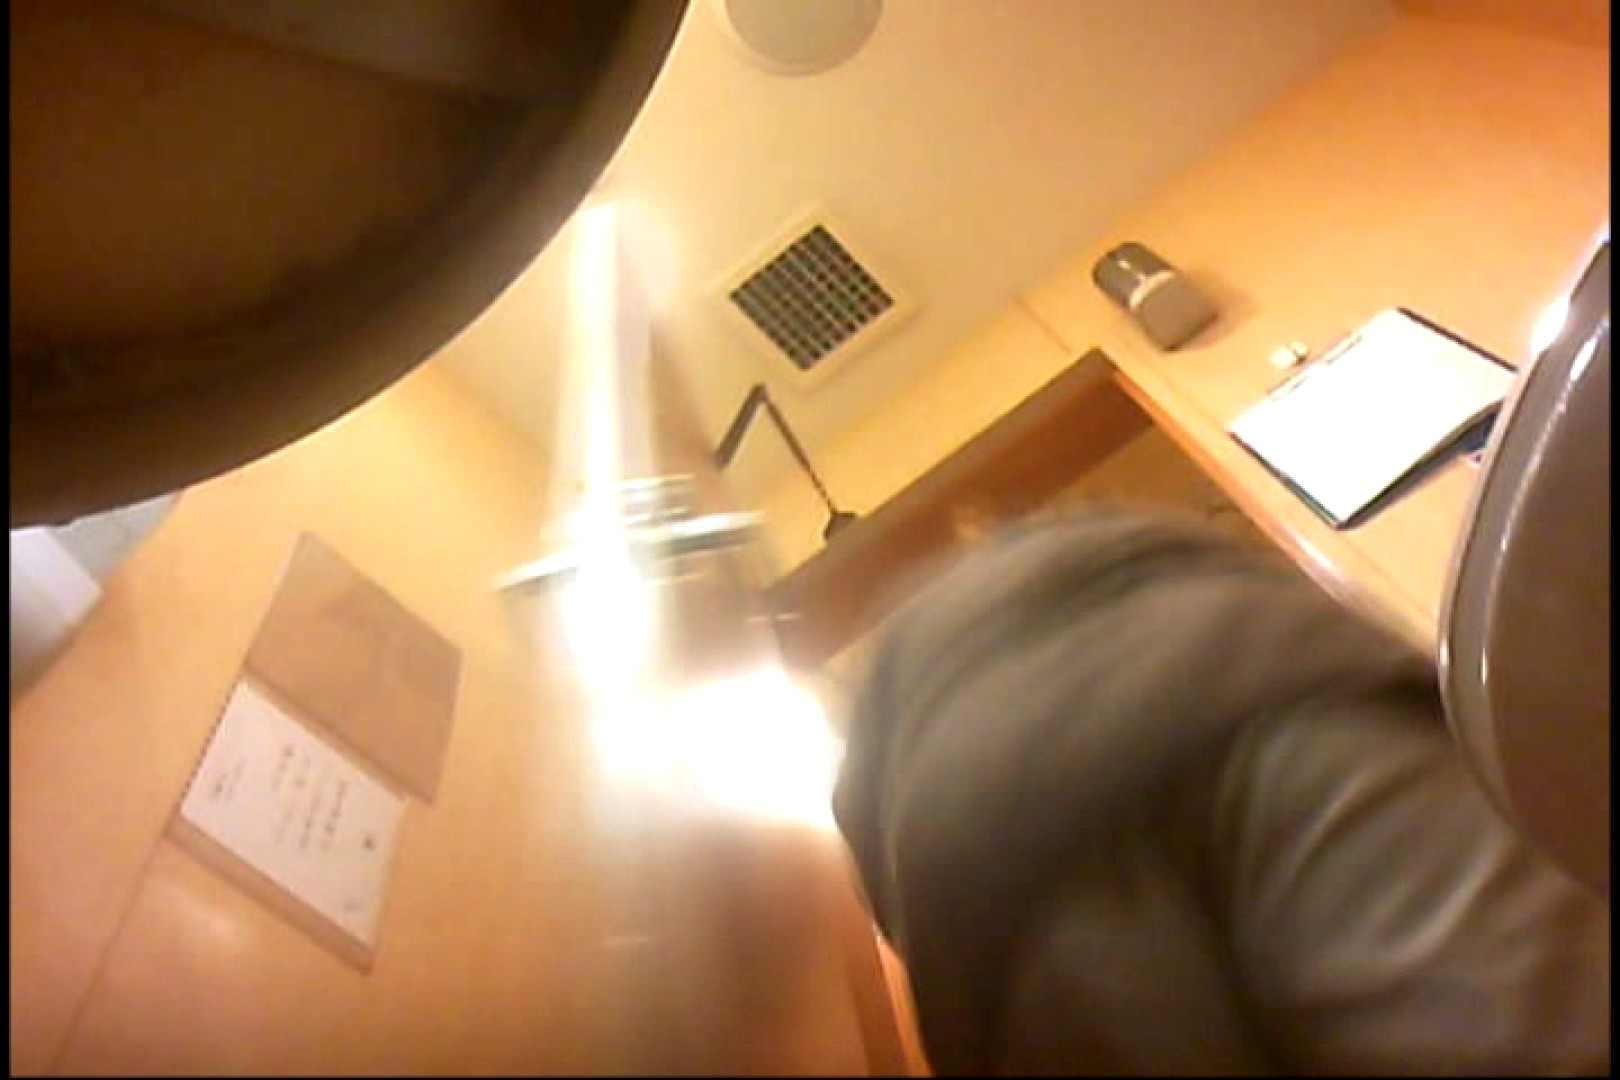 マダムが集まるデパートお手洗い Vol.04 お手洗い オマンコ無修正動画無料 91PIX 56